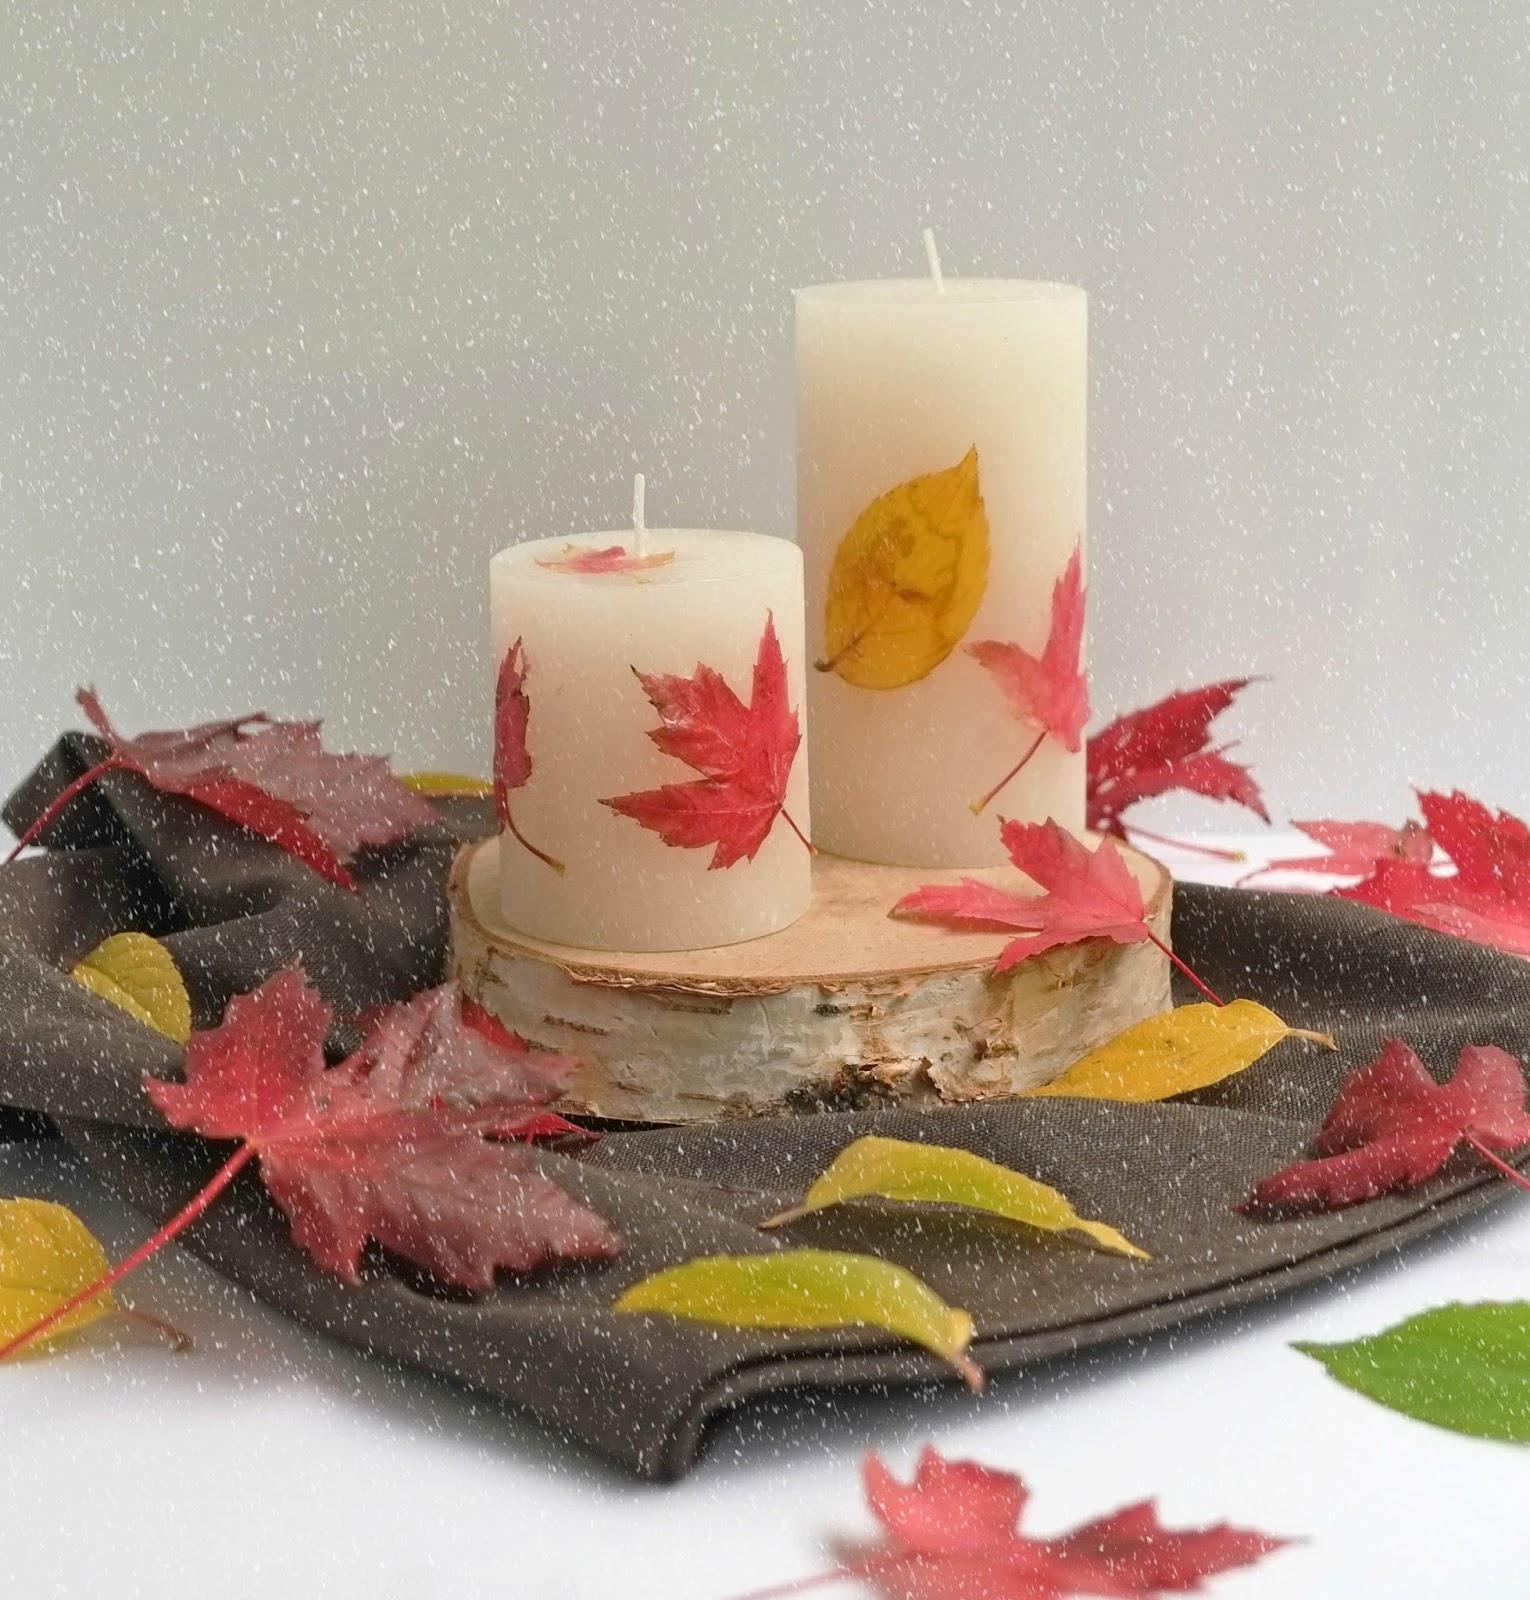 Kaarsen met Herfstbladeren - Diy Herfst